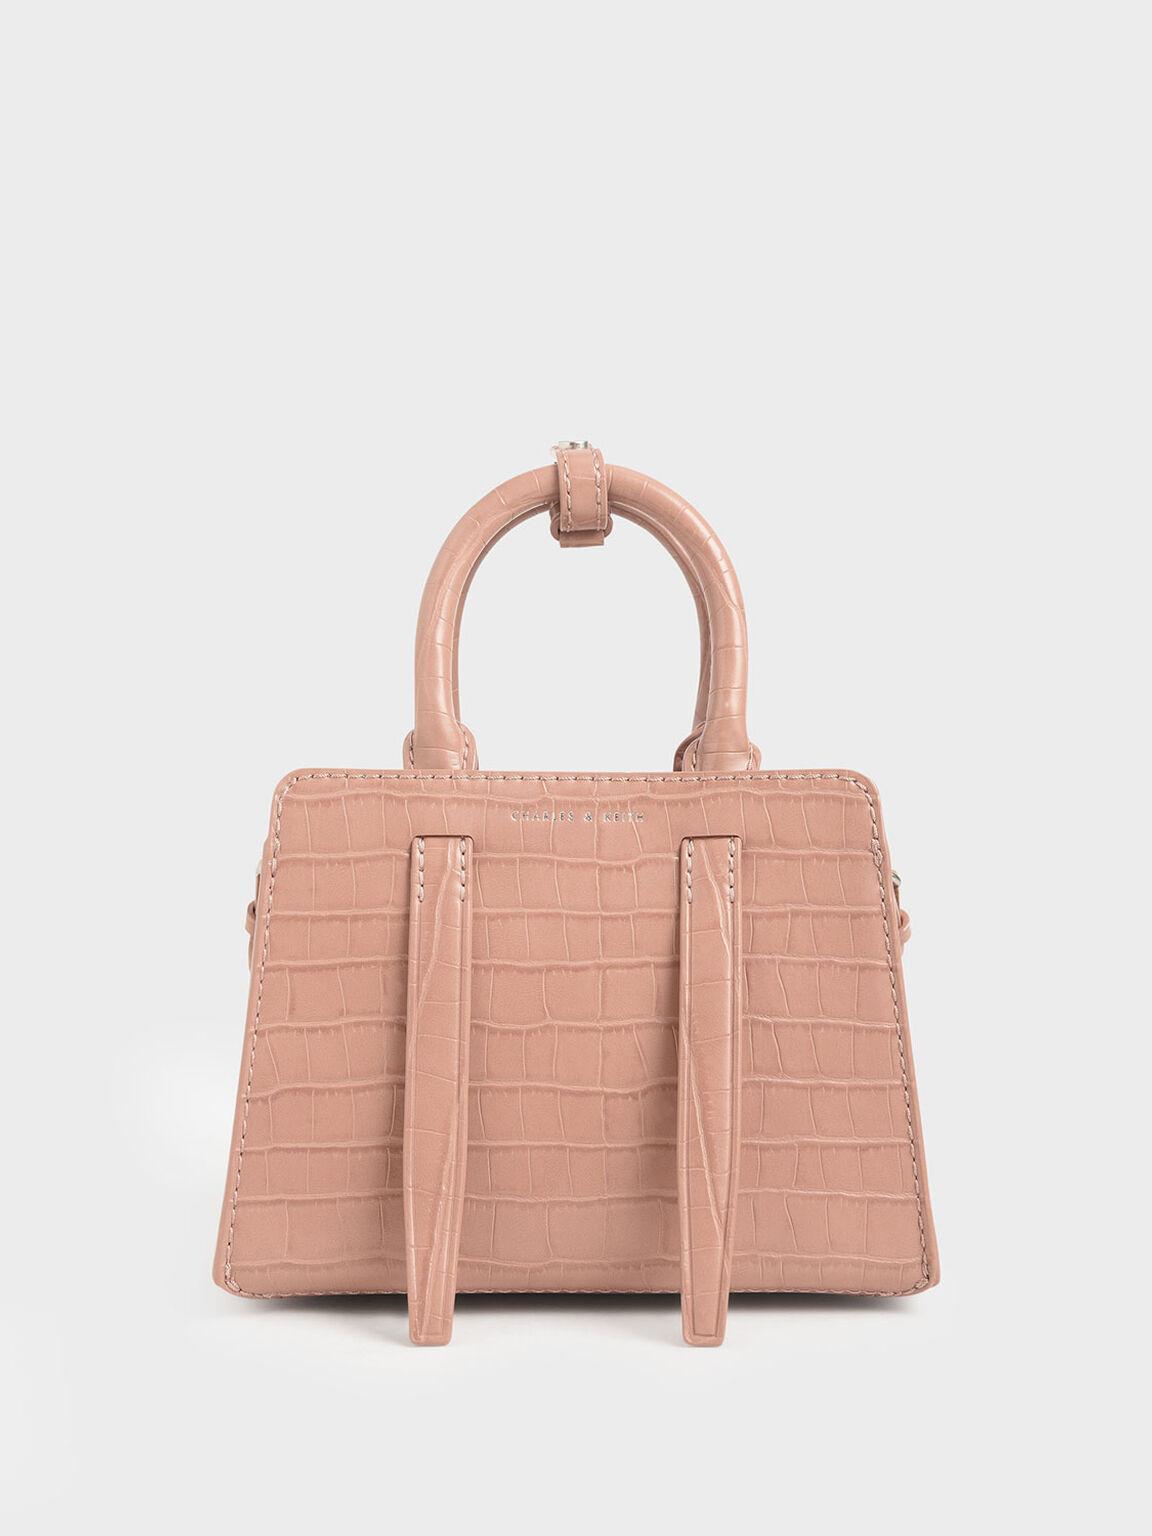 Croc-Effect Top Handle Bag, Blush, hi-res